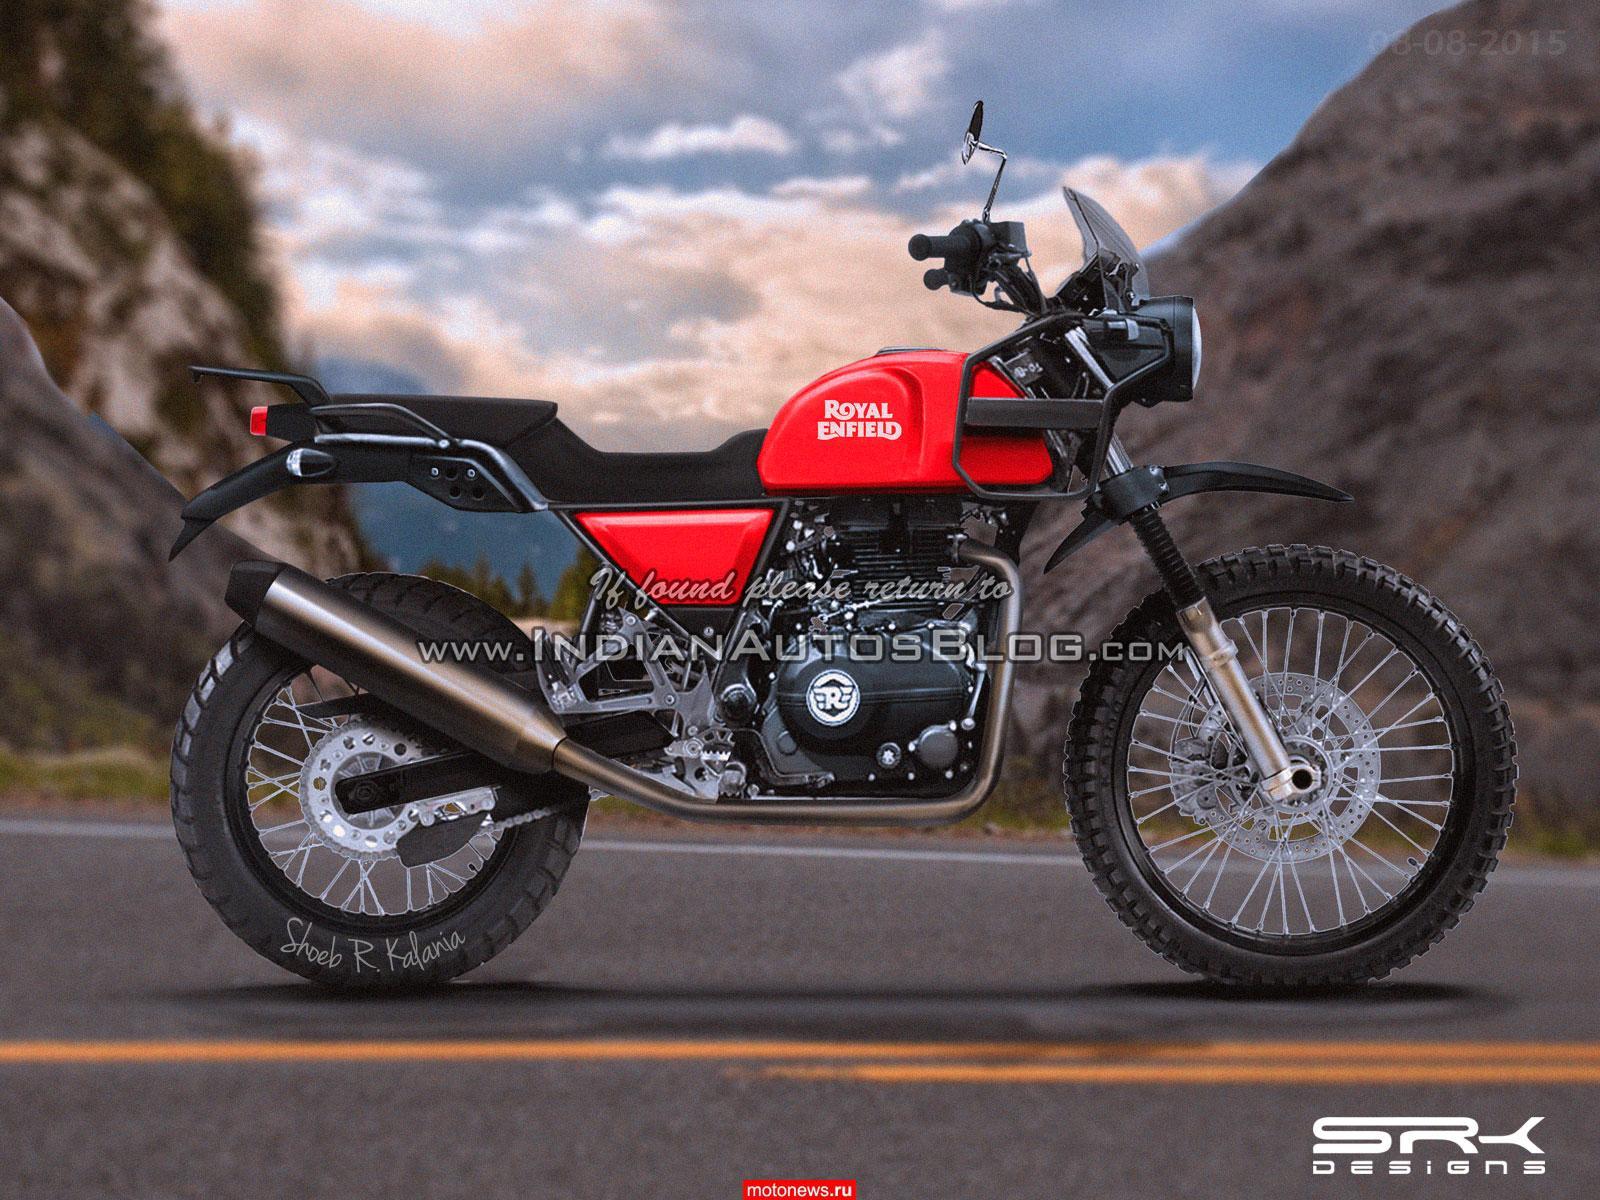 Стала известна дата выхода мотоцикла Royal Enfield Himalayan